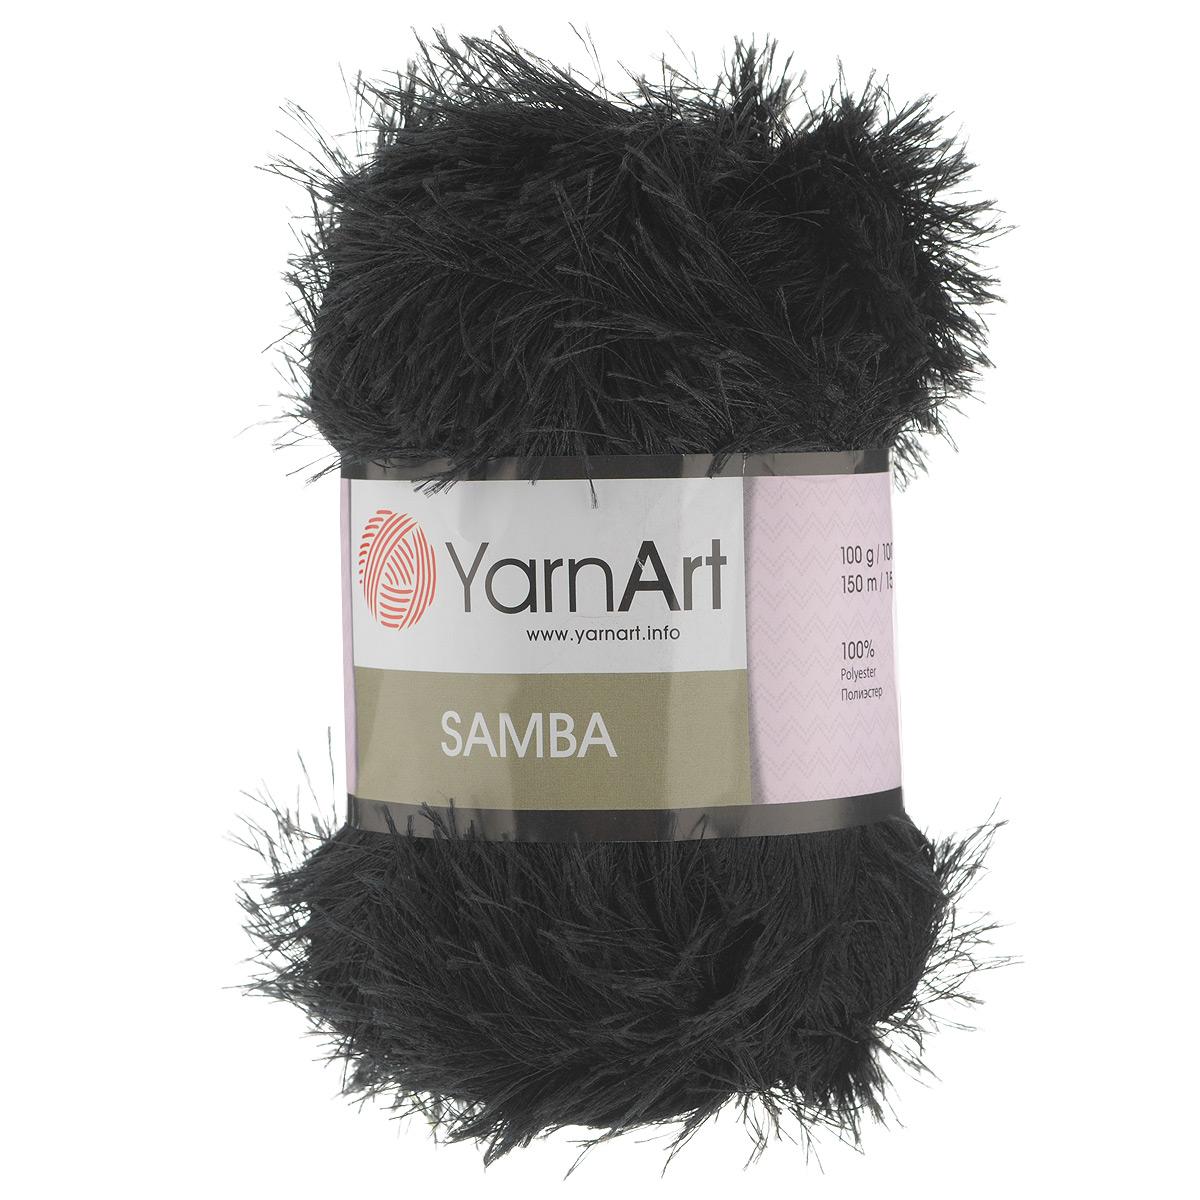 Пряжа для вязания YarnArt Samba, цвет: черный (02), 150 м, 100 г, 5 шт пряжа для вязания yarnart baby color цвет белый черный 273 150 м 50 г 5 шт